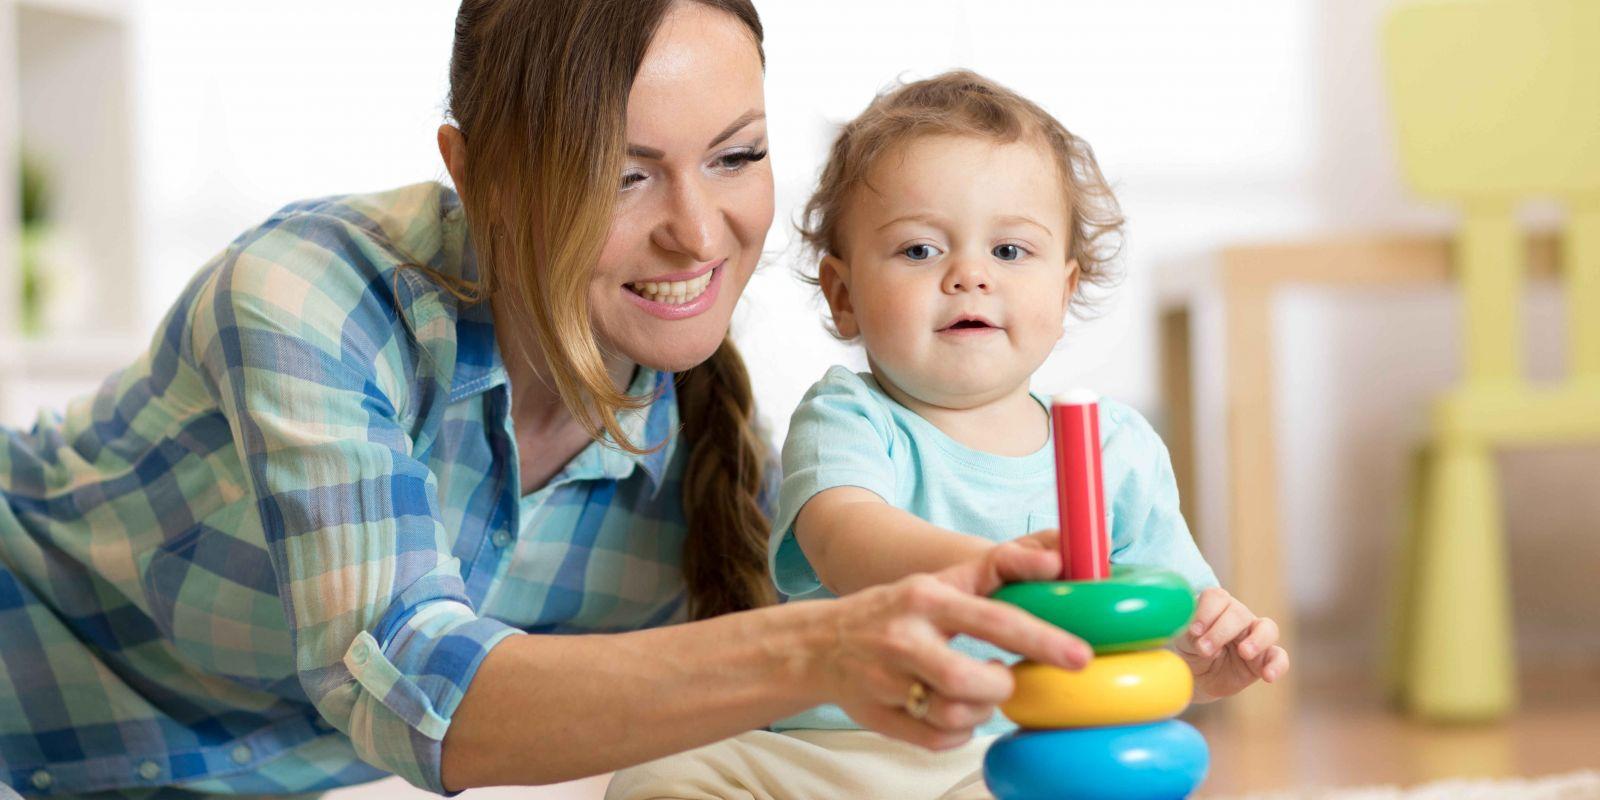 Giftiges Kinderspielzeug! So schützen Sie ihr Kind